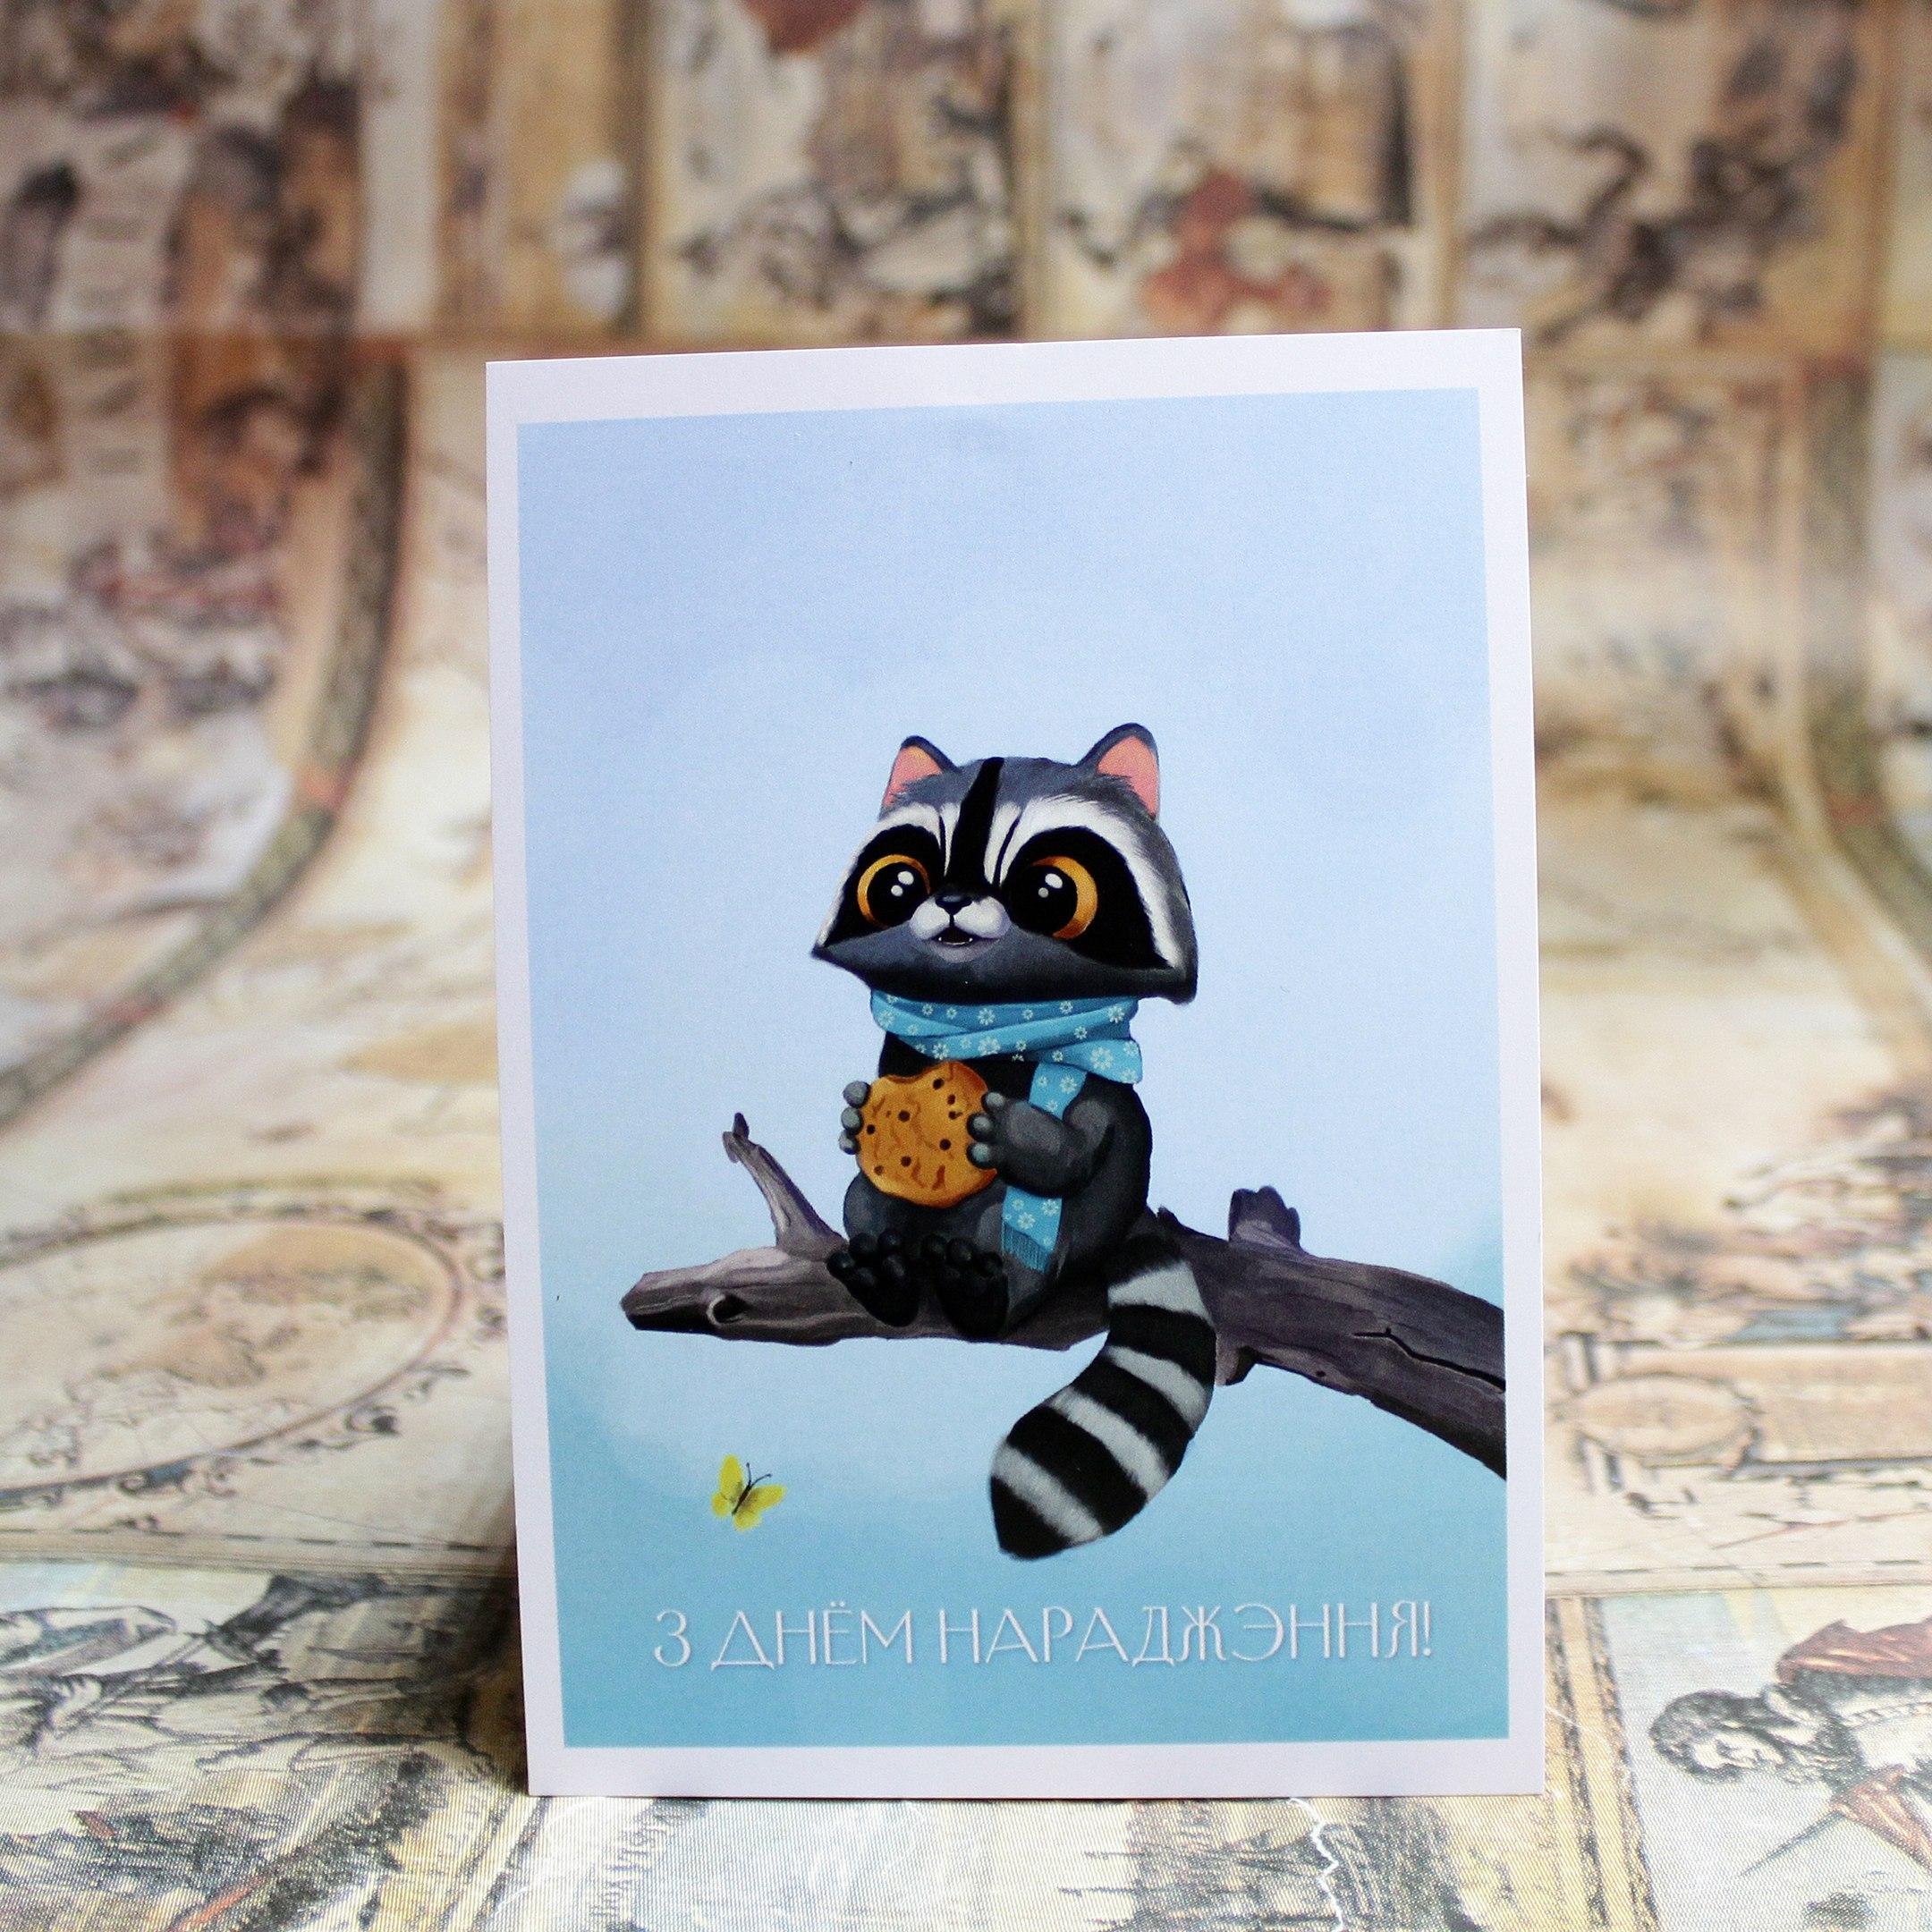 металлического открытка на день рождения с енотом раскраска поделилась